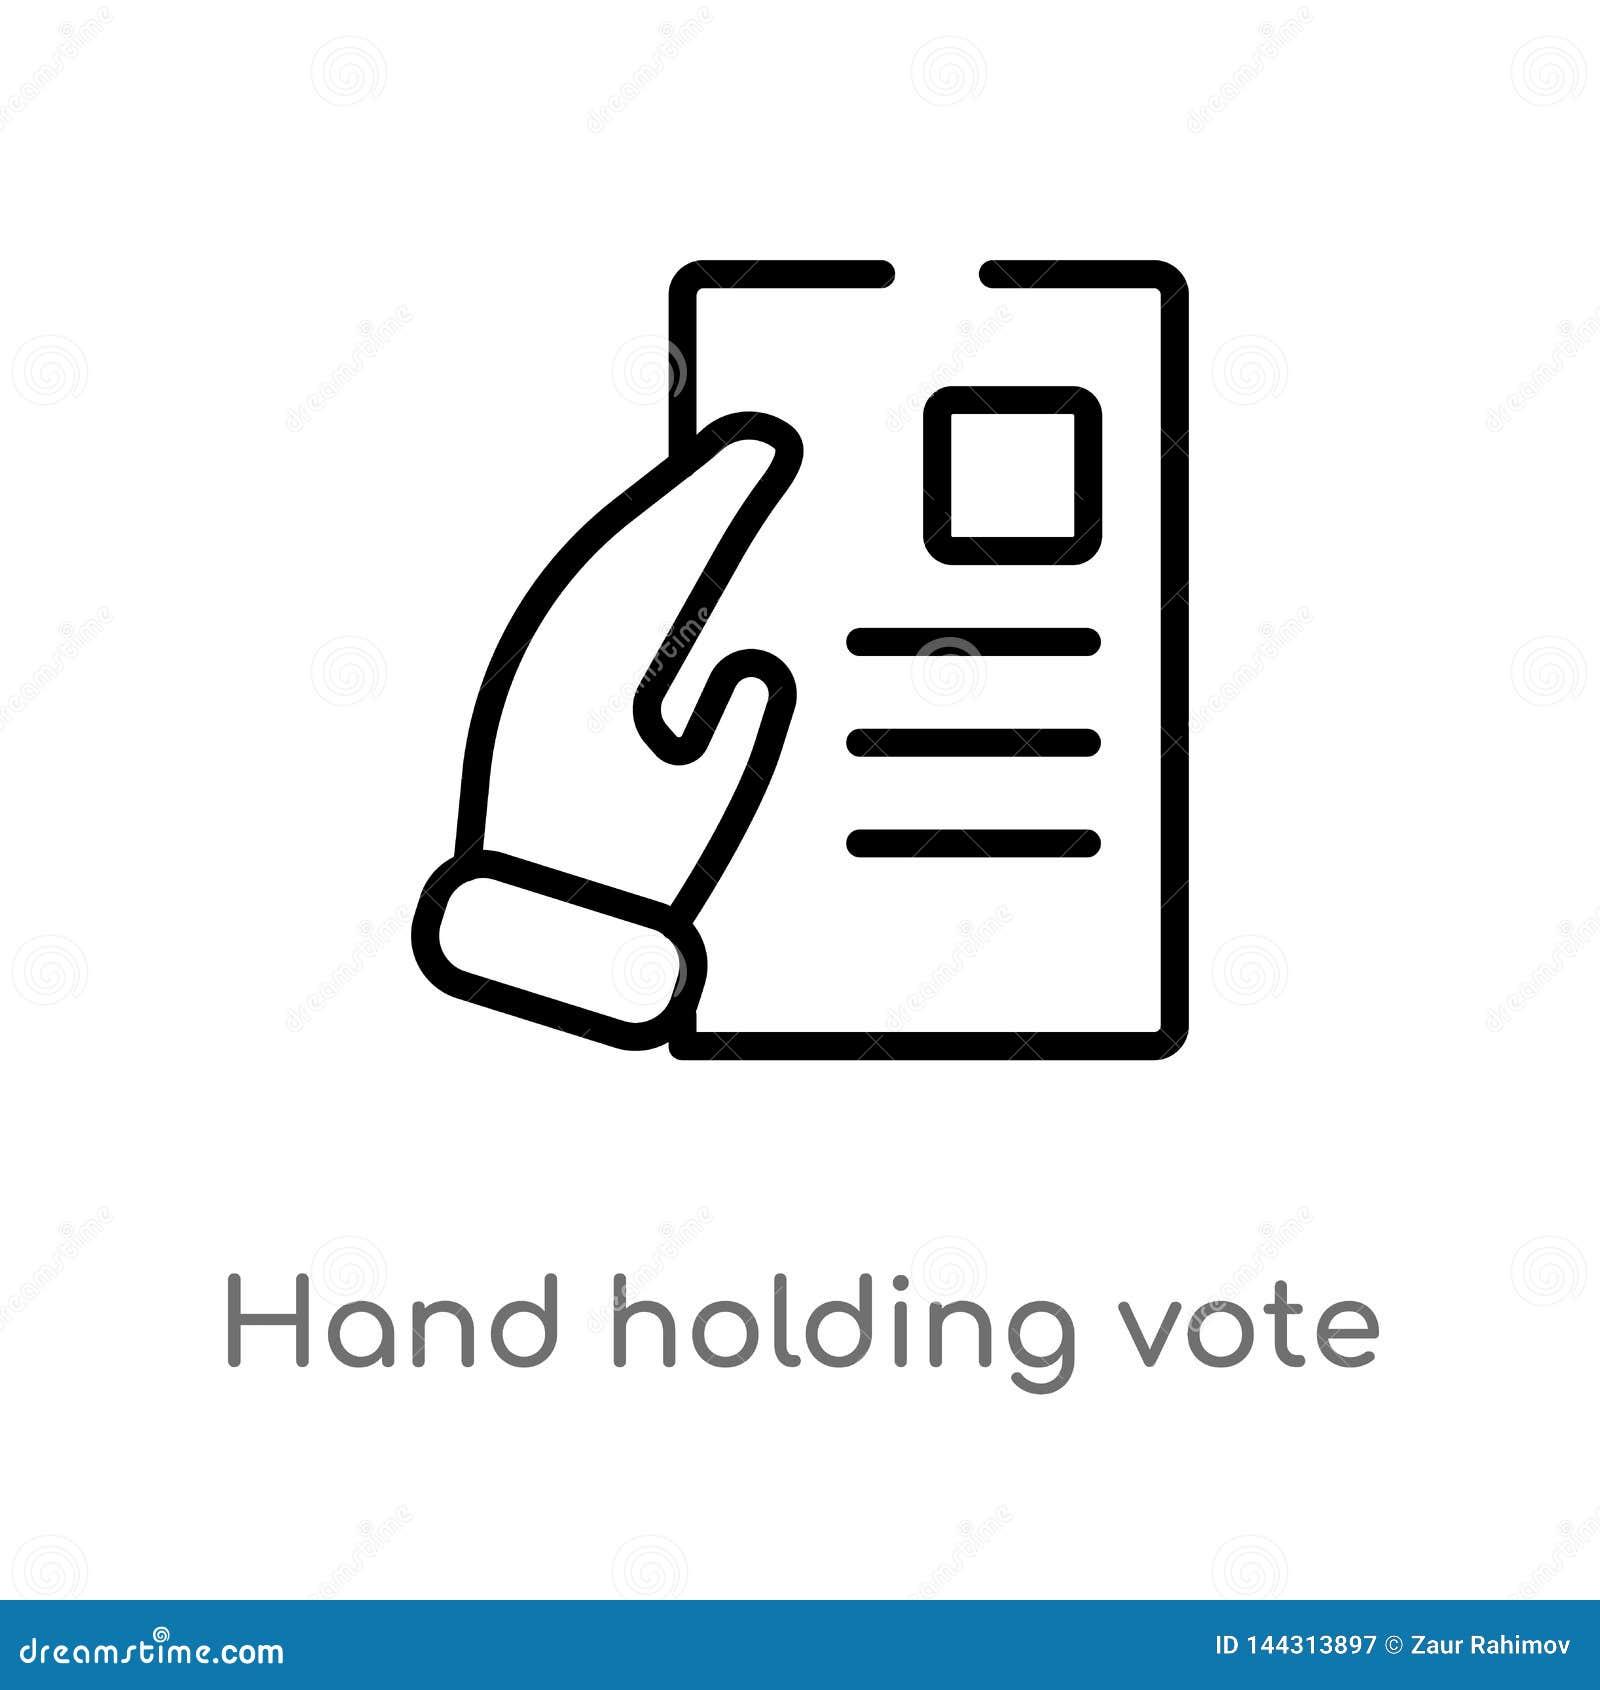 διανυσματικό εικονίδιο εγγράφου ψηφοφορίας εκμετάλλευσης χεριών περιλήψεων απομονωμένη μαύρη απλή απεικόνιση στοιχείων γραμμών απ